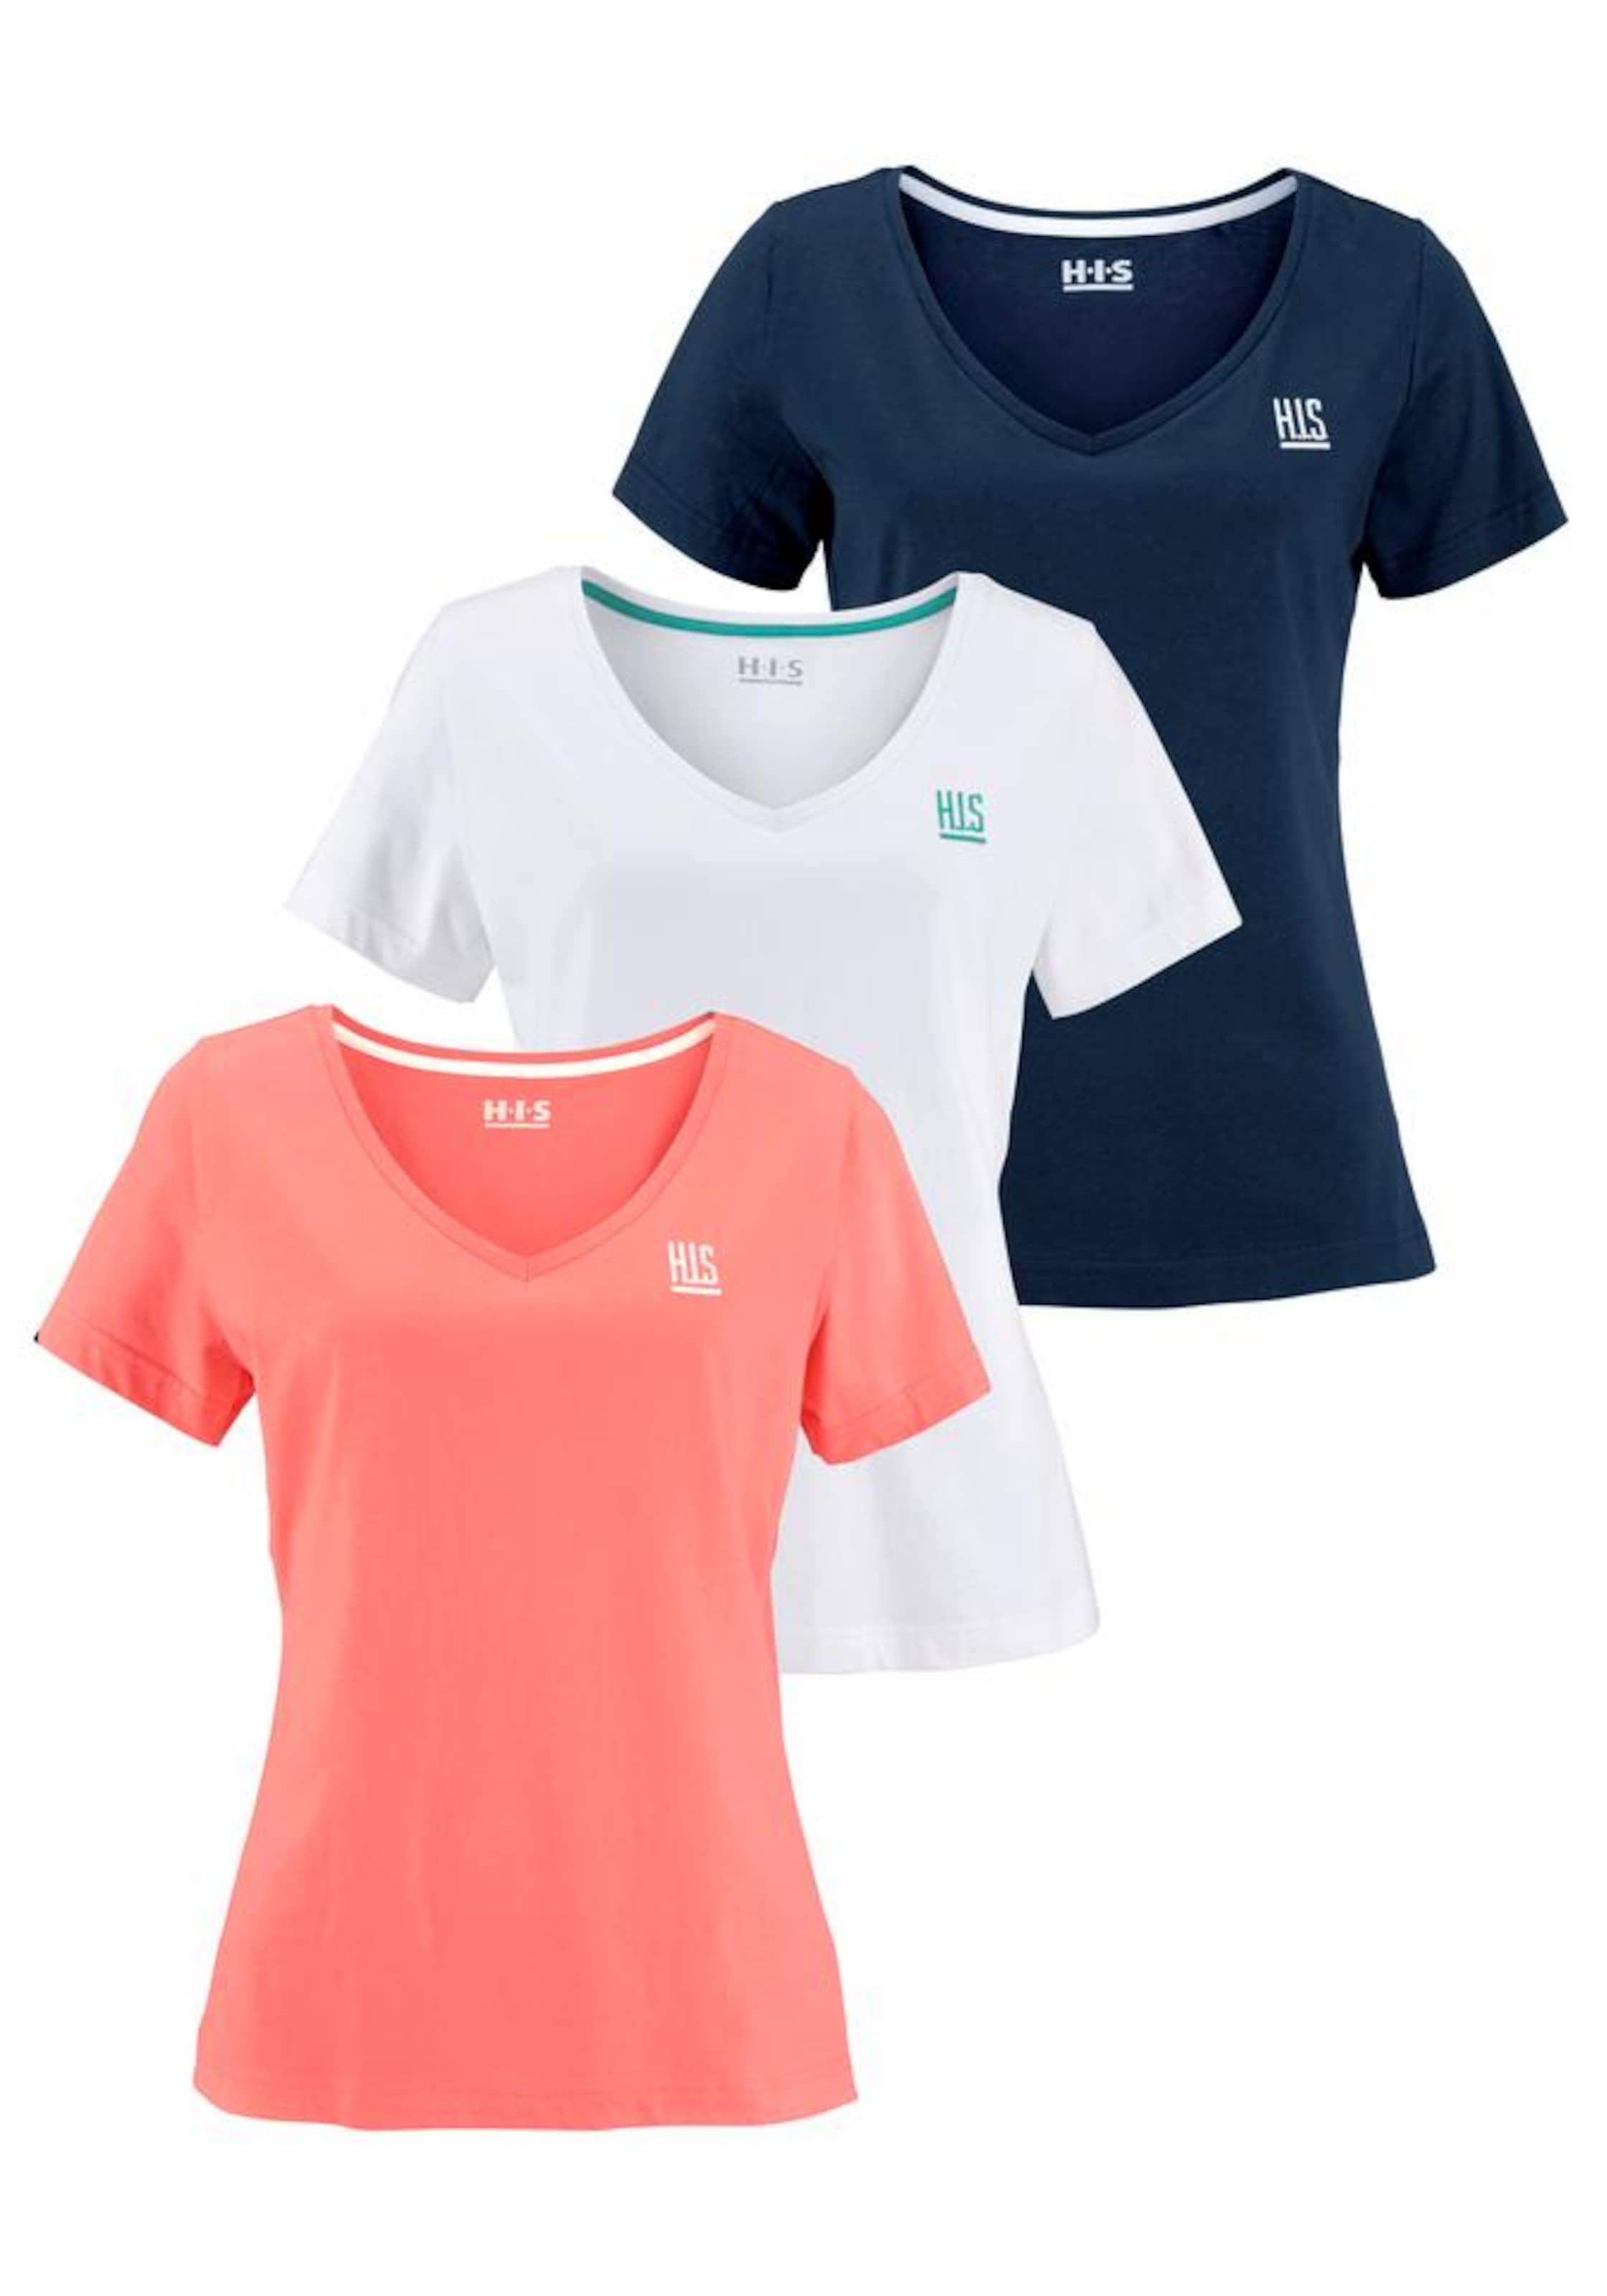 H.I.S T-Shirt Bilder Günstig Online Günstig Kaufen Billigsten MFJdZs88